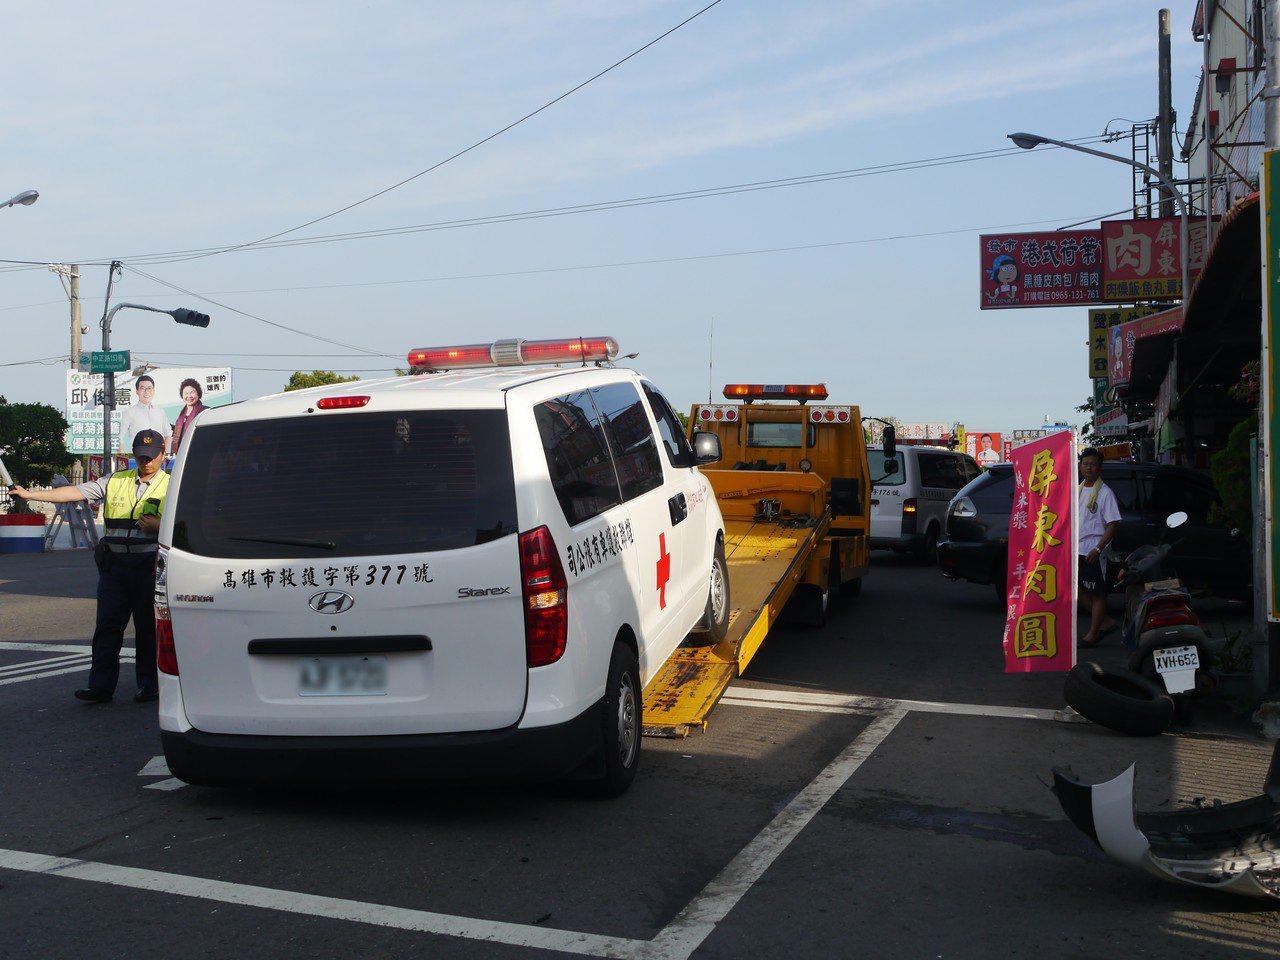 民間救護車在高市鳥松區中正路上發生車禍,所幸救護車上沒有傷患。記者徐白櫻/攝影